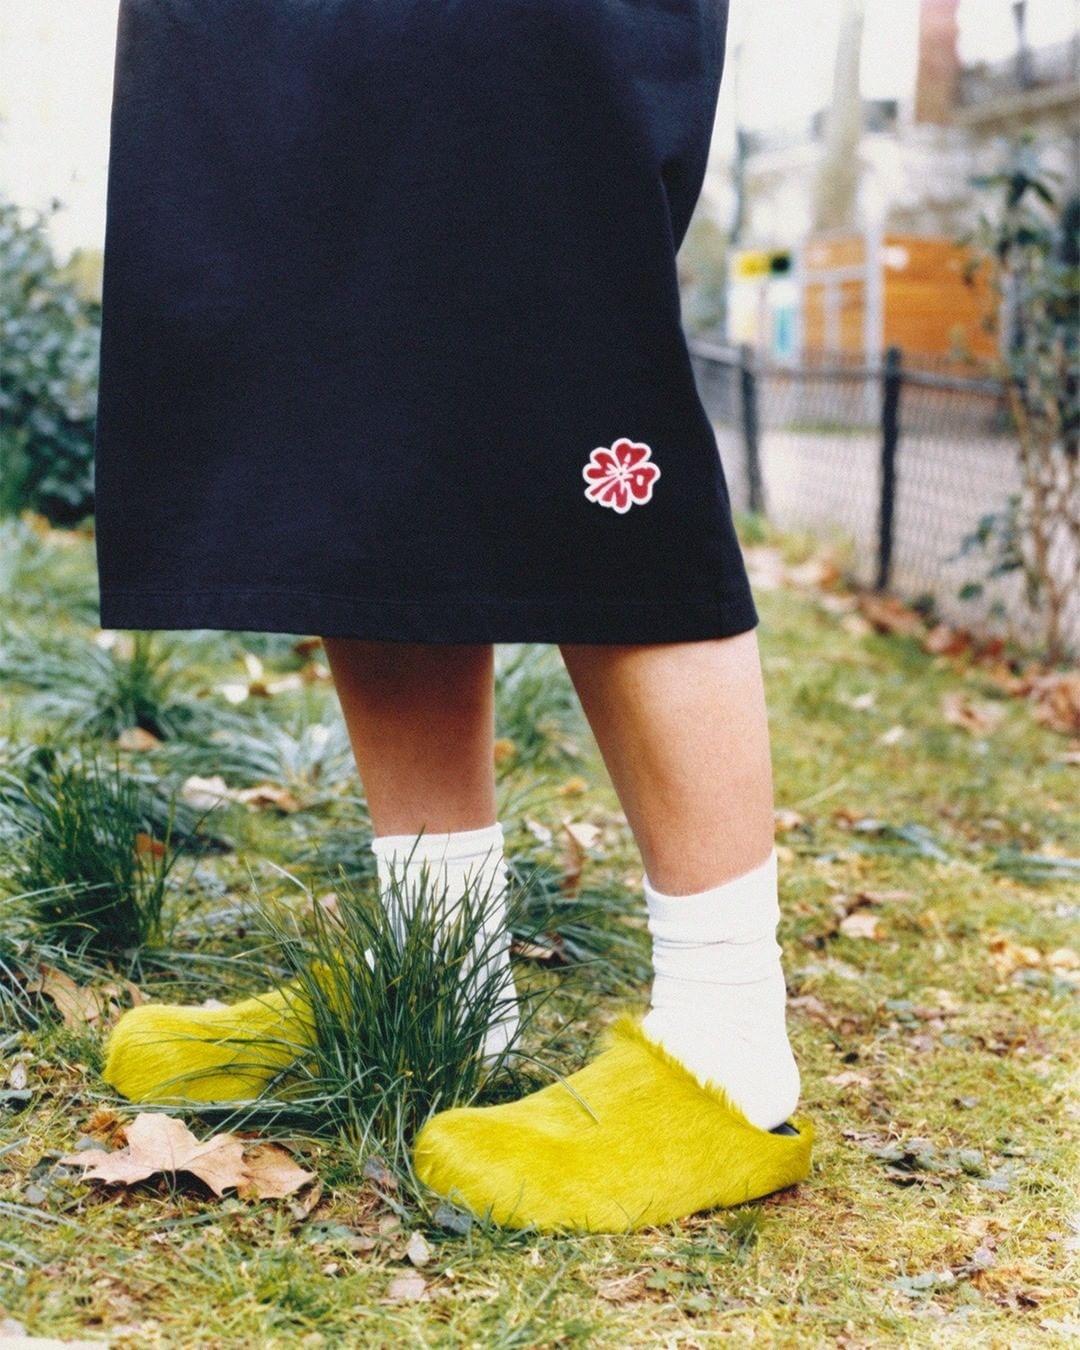 модная обувь лето 2021 на низком ходу плоская подошва без каблука женская клоги желтые мех